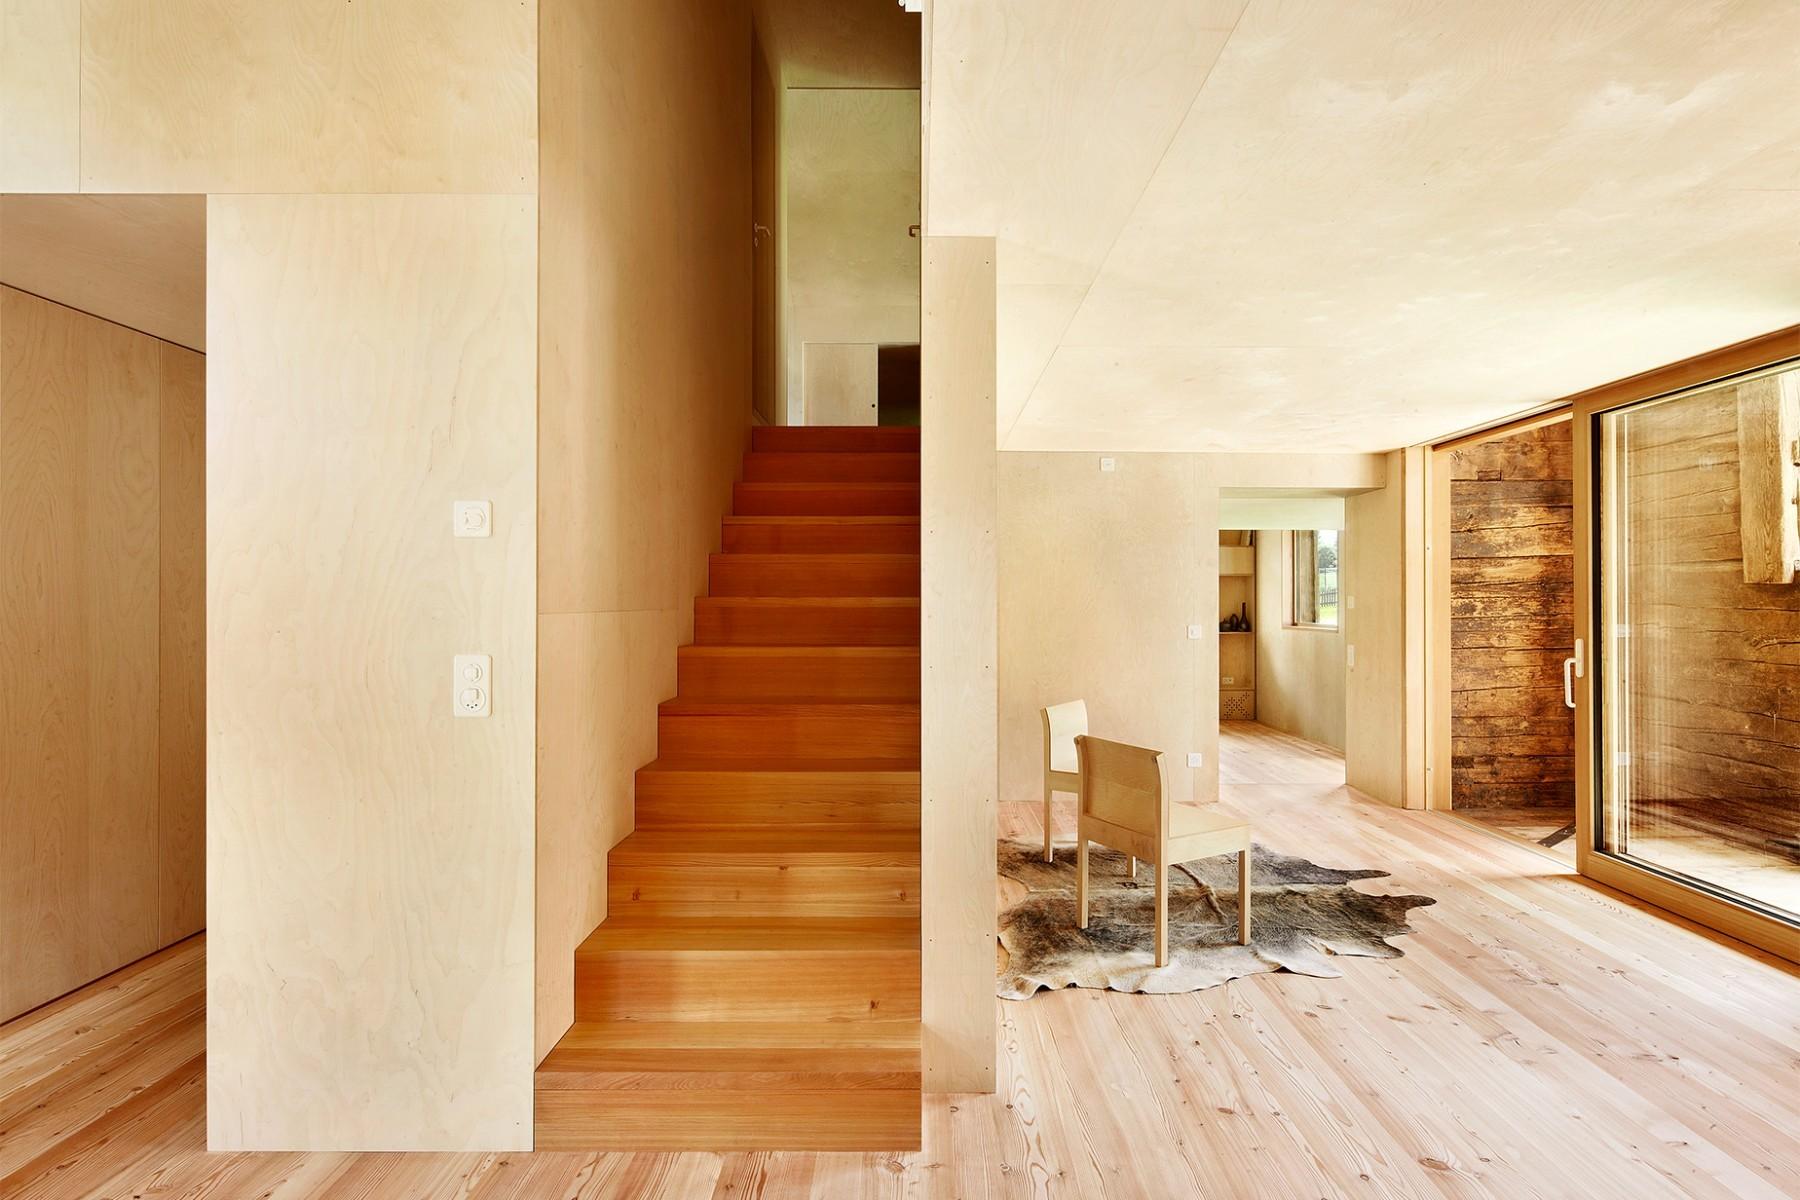 Casa C Reckingen – Wohnbereich – Treppe